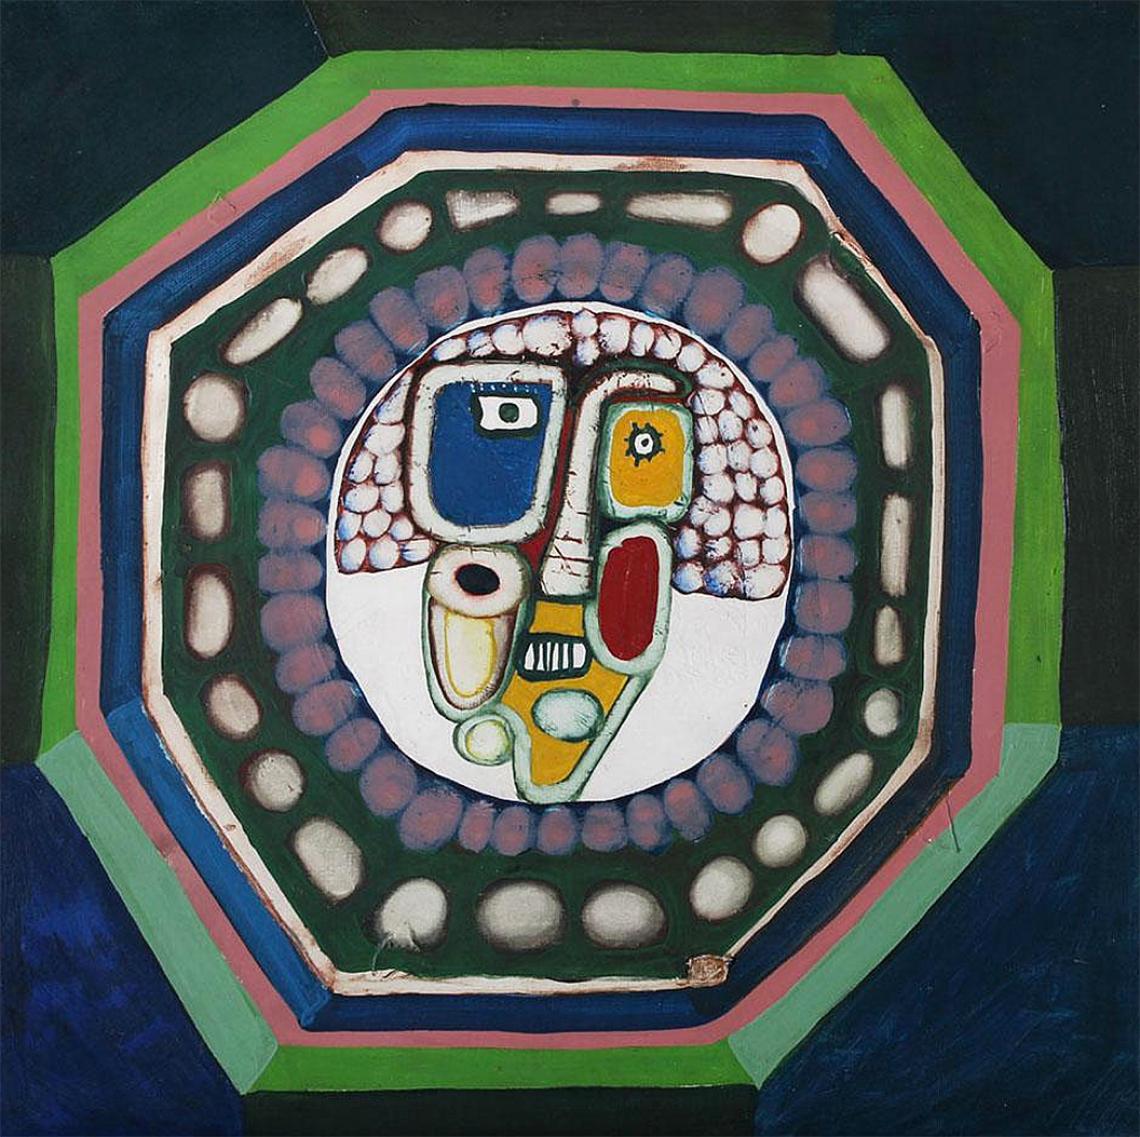 Luis F. Benedit. Niña con lunar, 1964. Óleo y esmalte sobre tela. 65 x 65 cm.